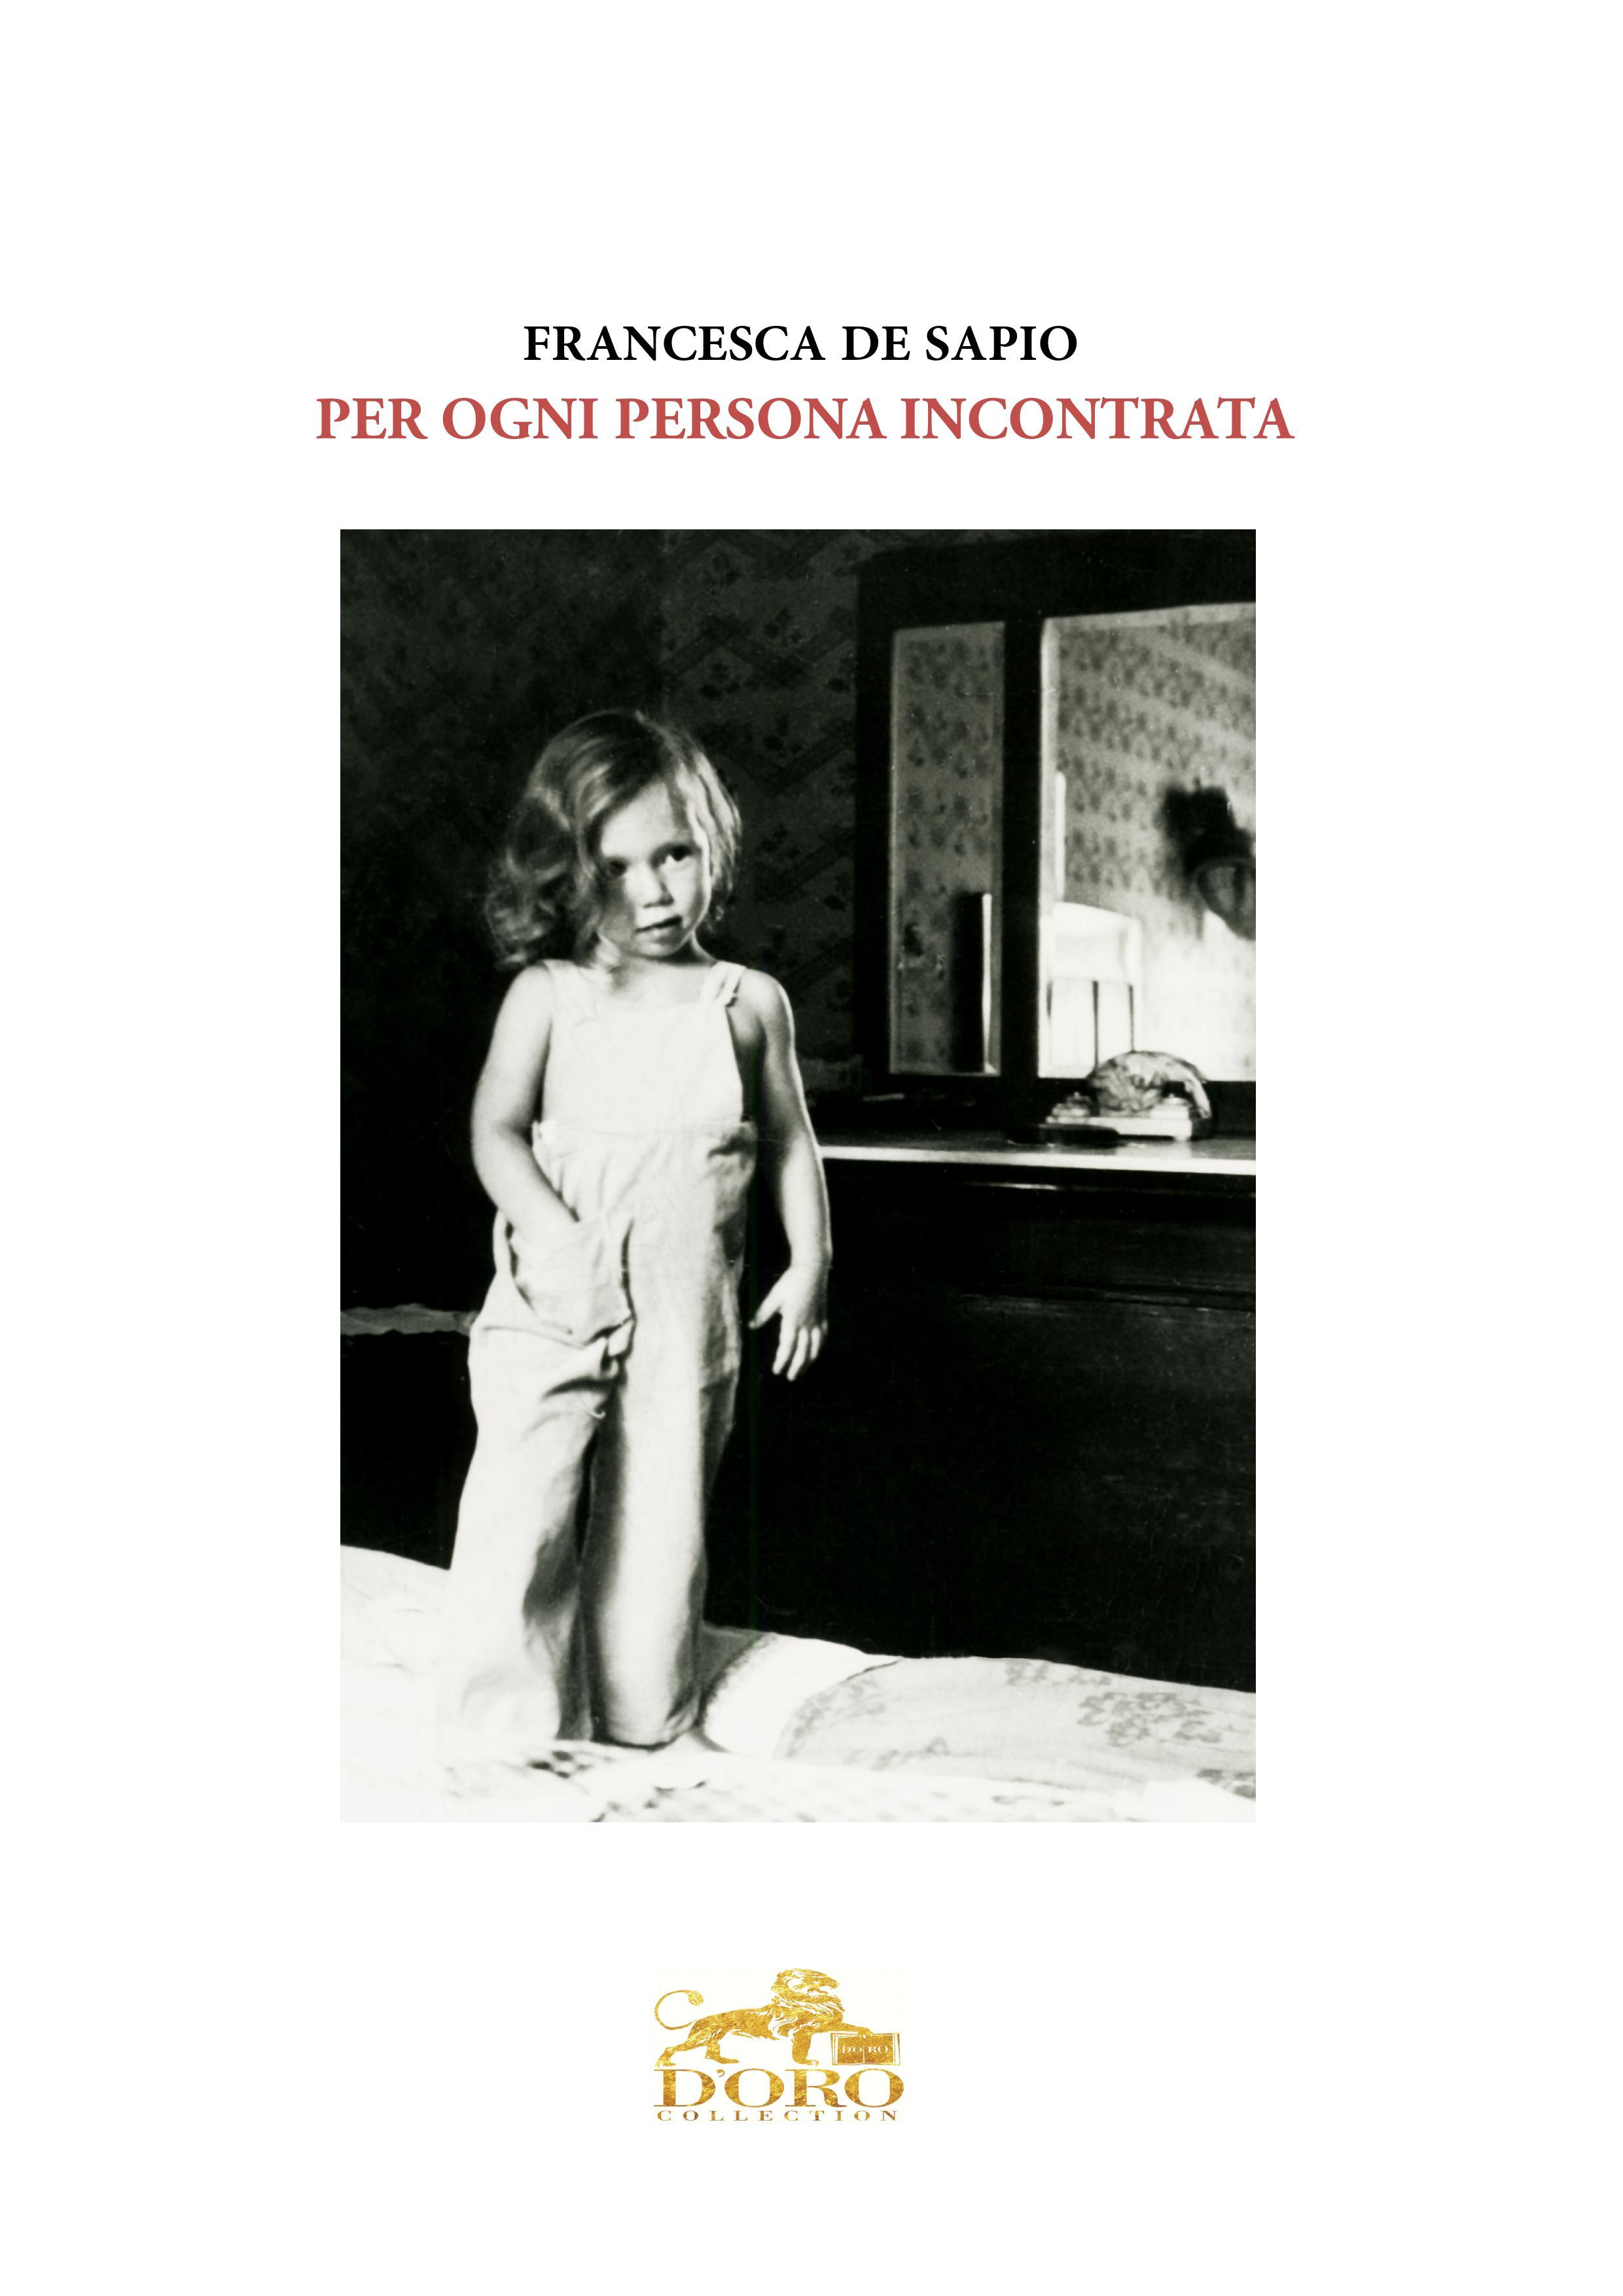 PER OGNI PERSONA INCONTRATA edito D'Oro Collection